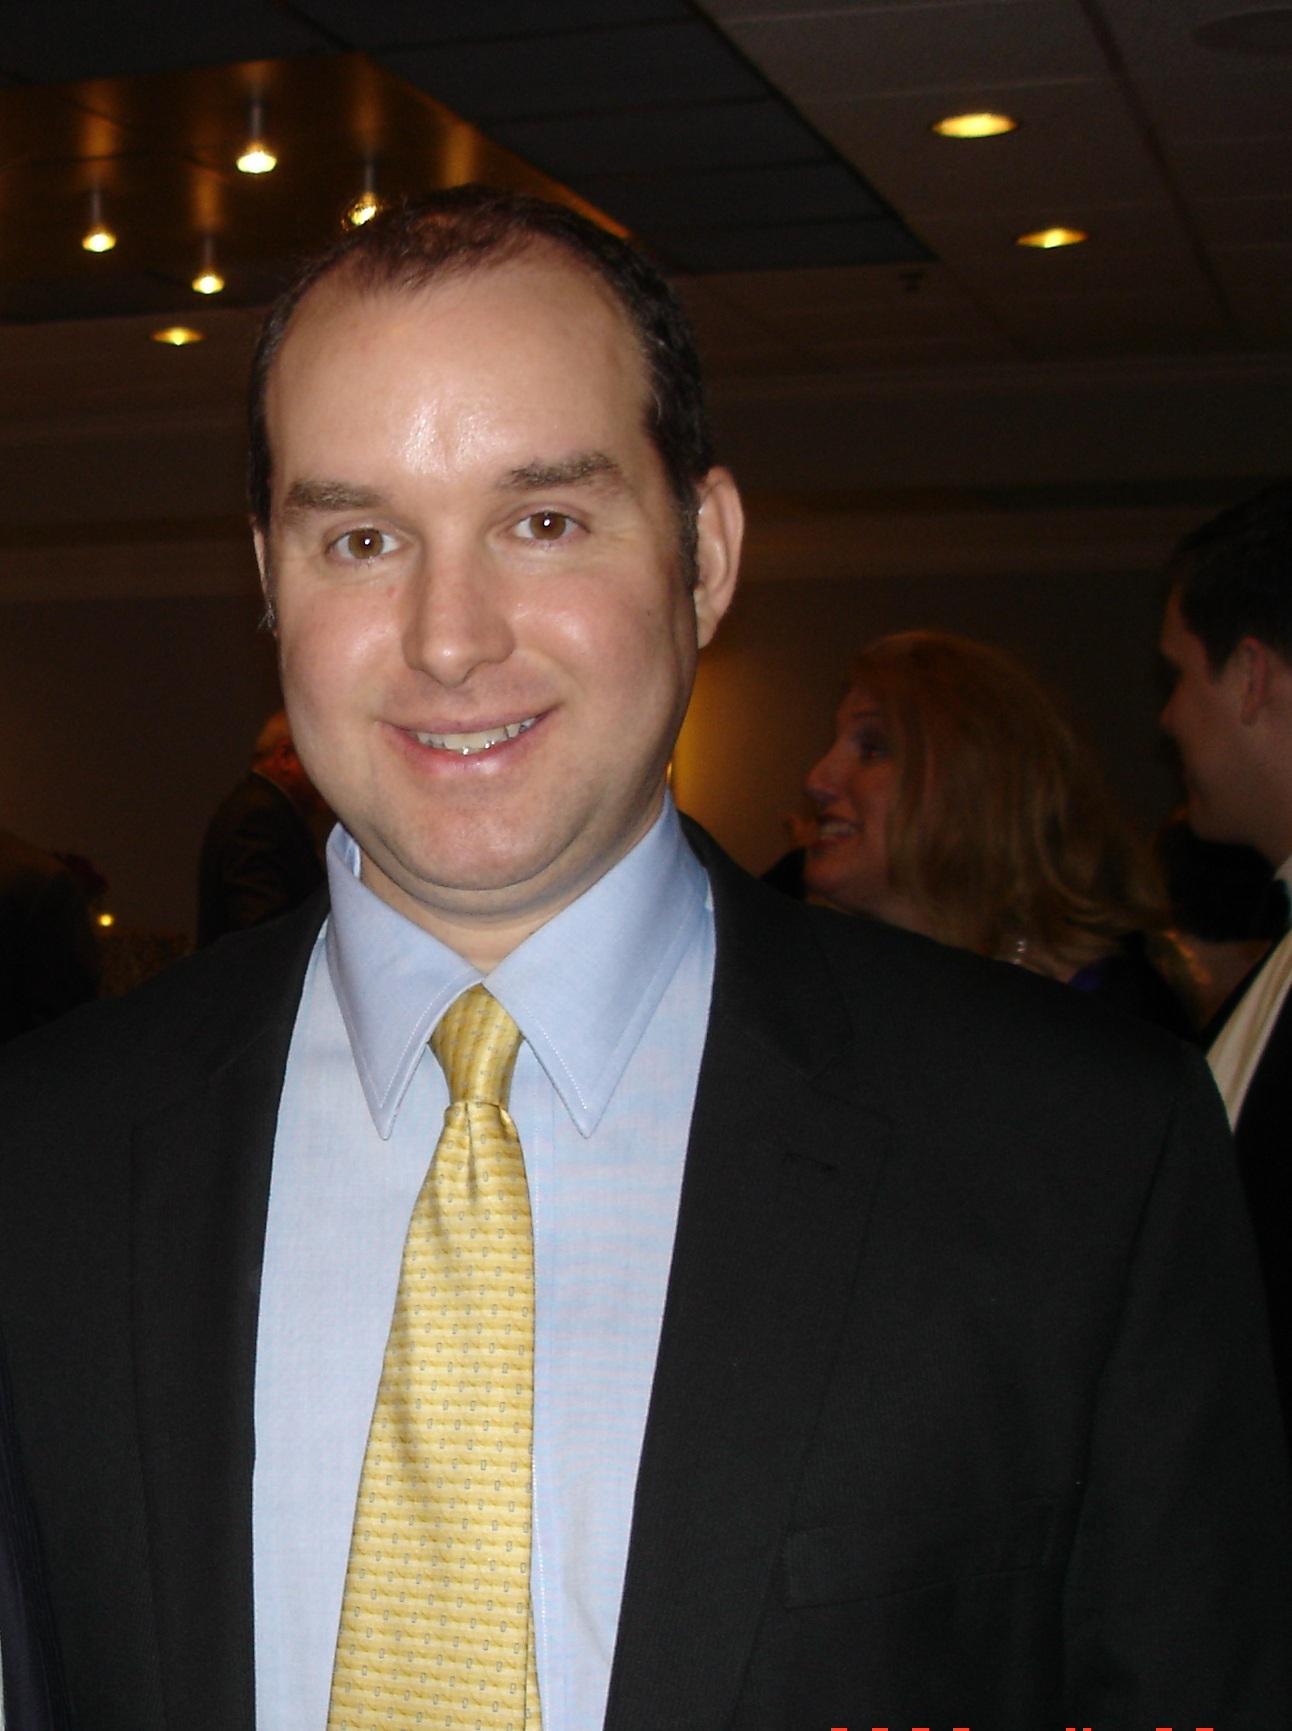 David Rowley, CEO